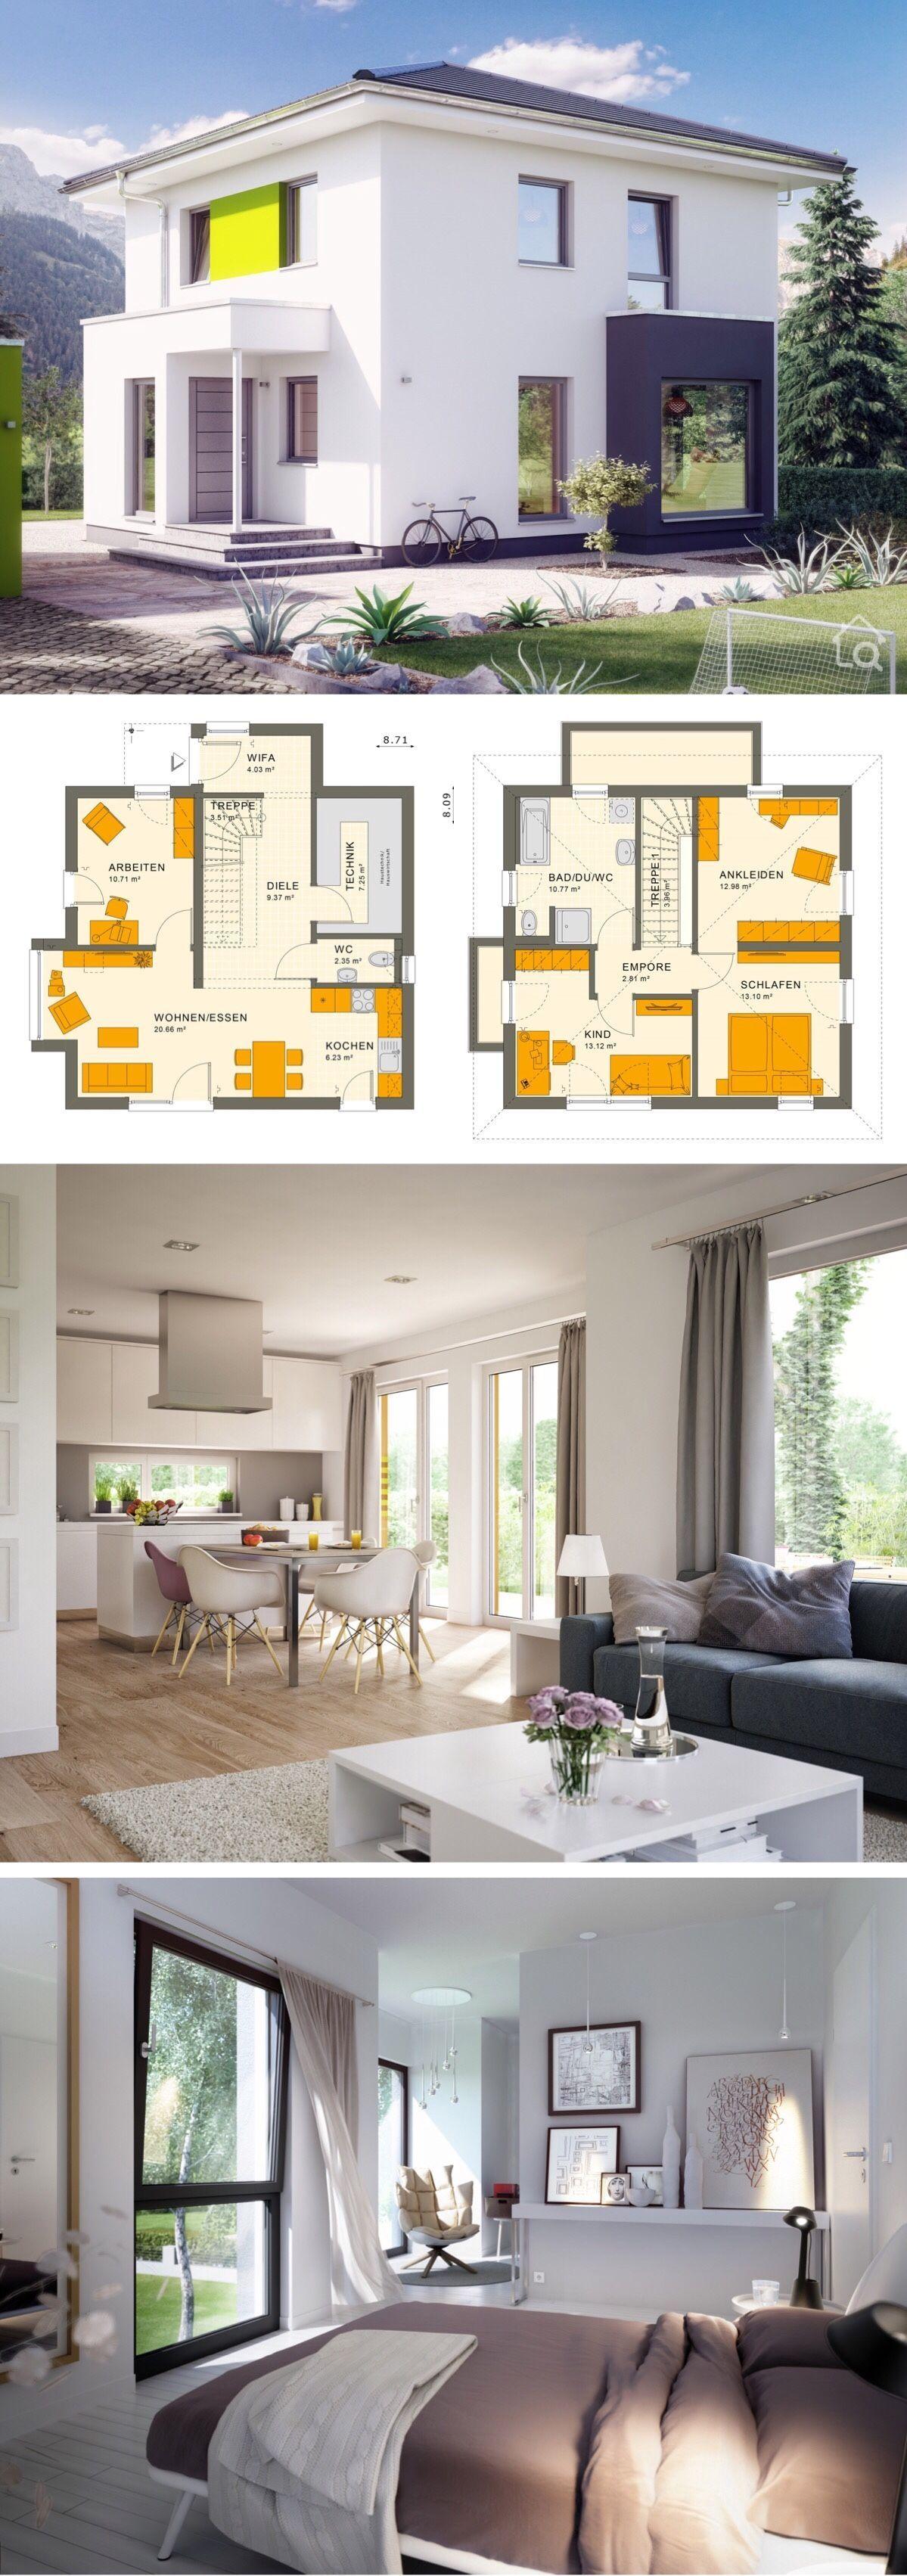 Small Villa Plan Modern Architecture Design Sunshine 113 V6 Dream